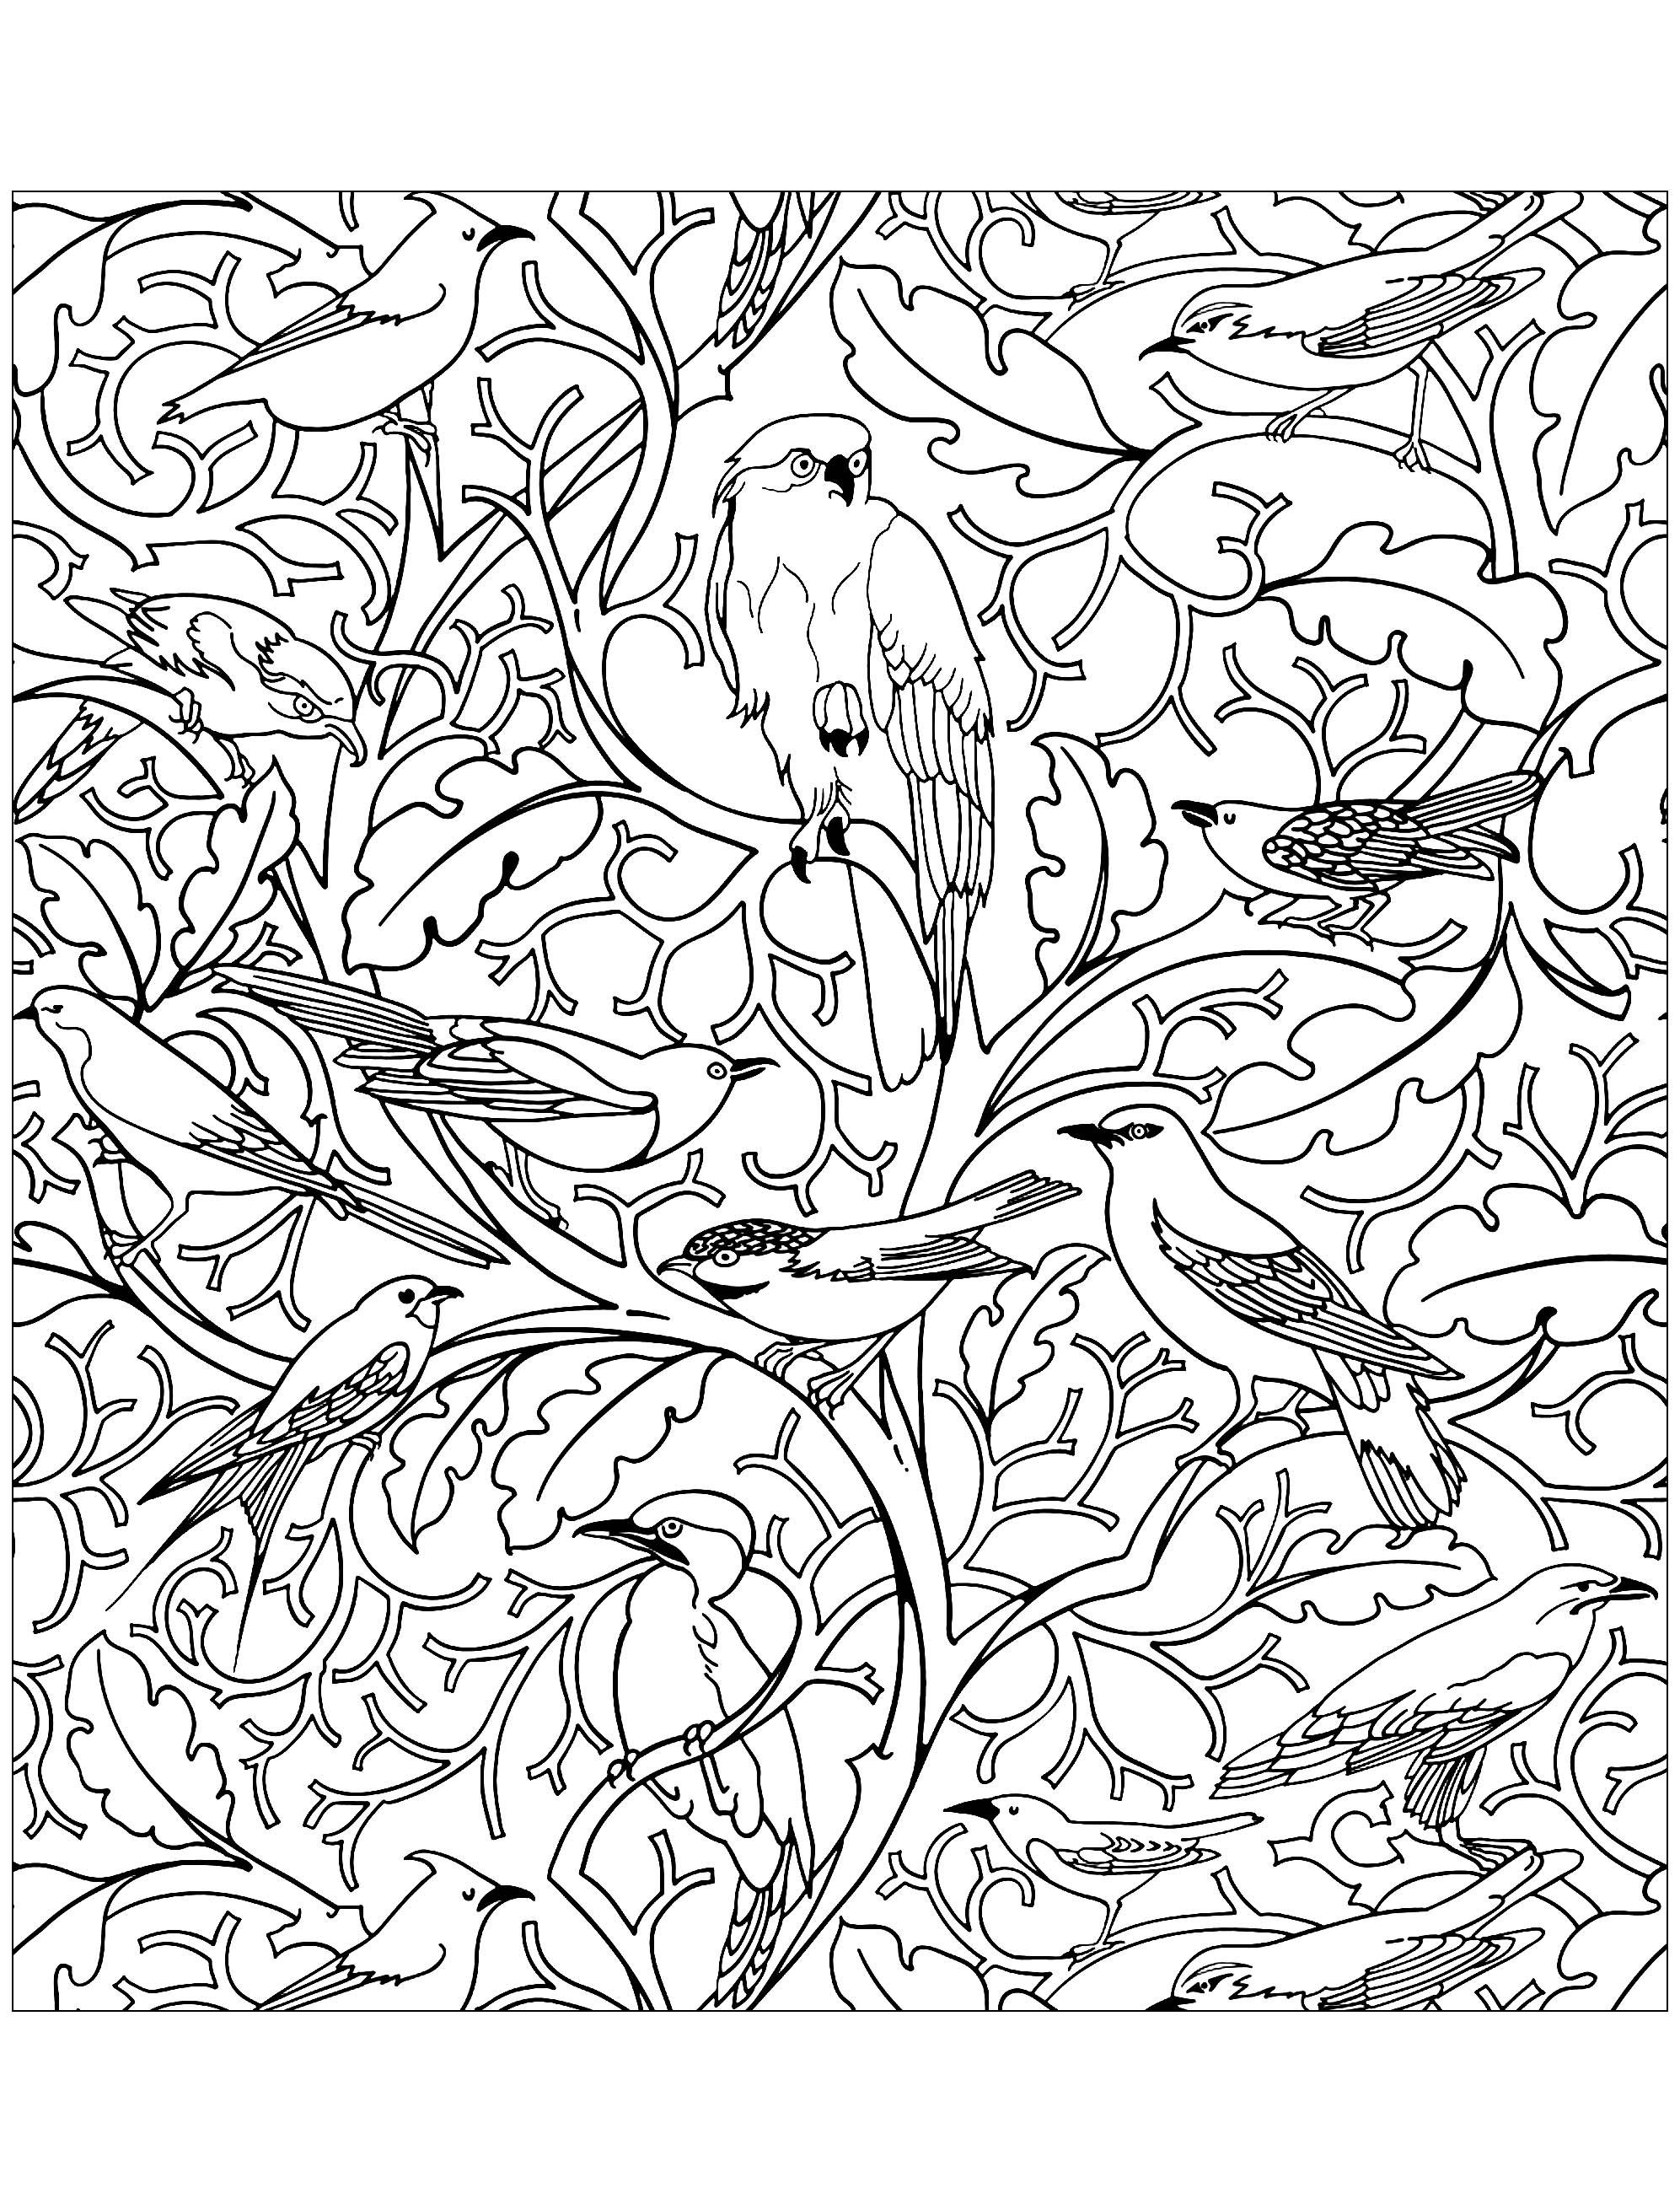 vogel 48580 - vögel - malbuch fur erwachsene